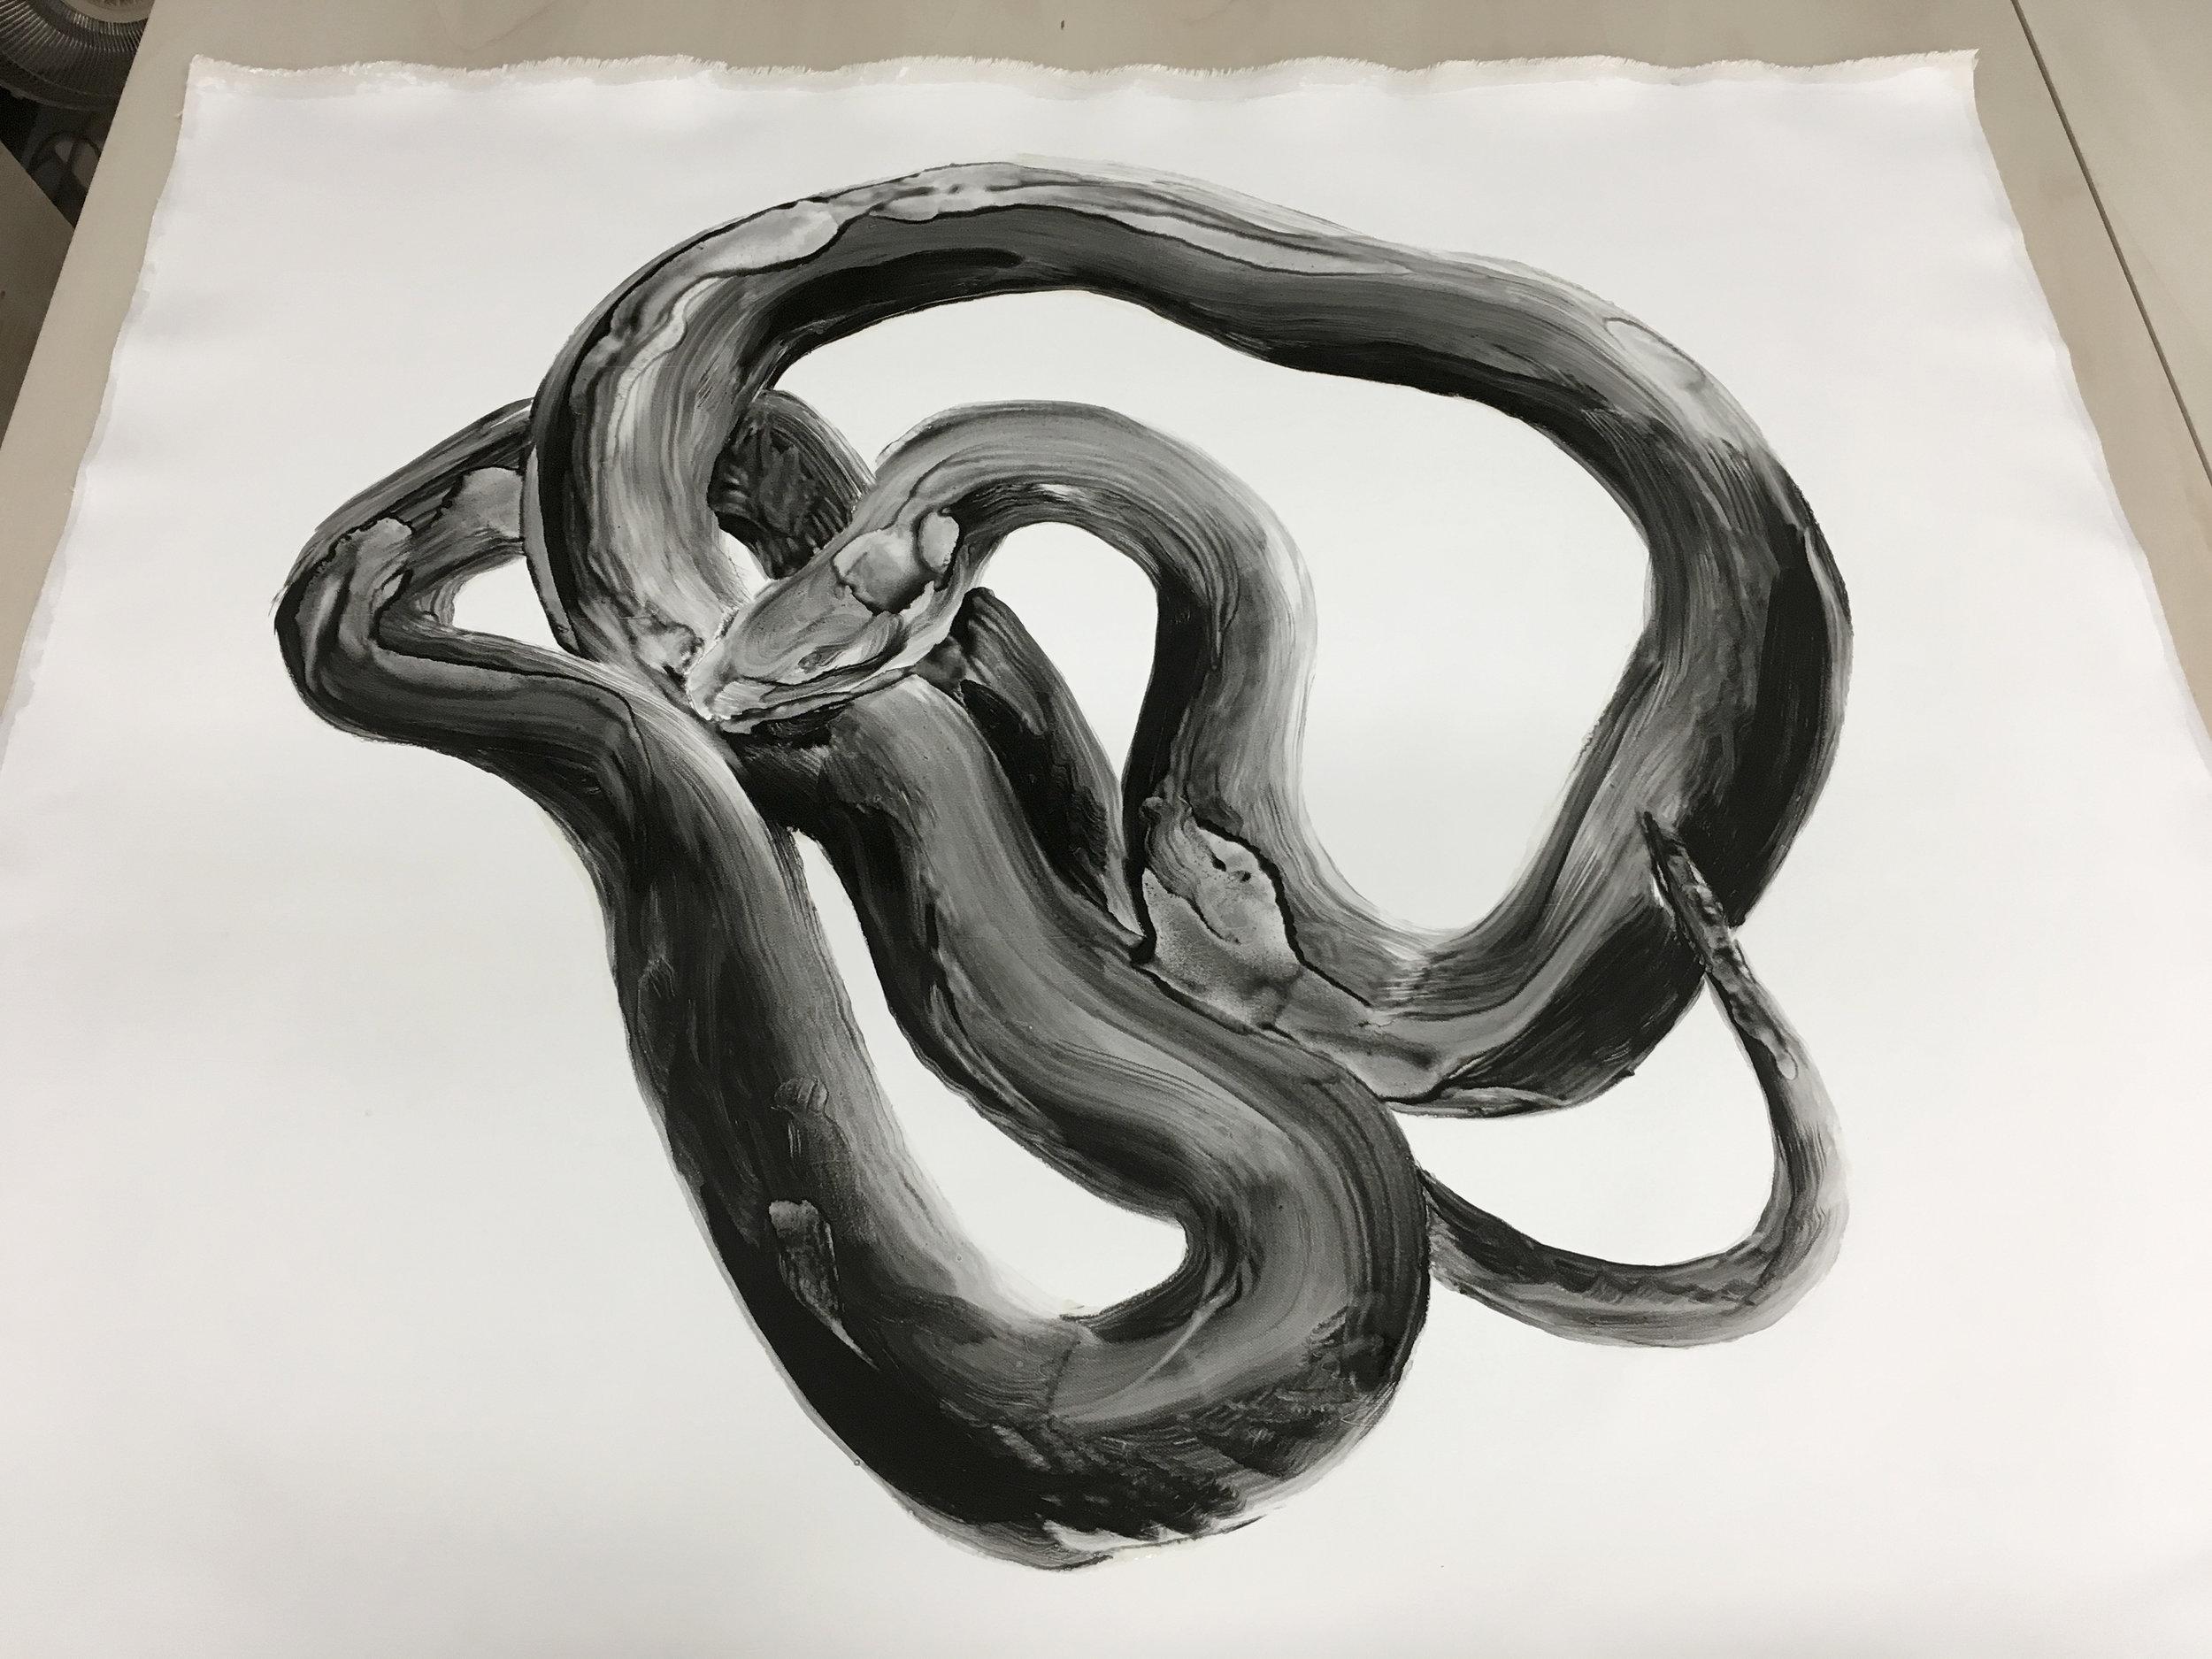 Étude, serpent  Huile sur toile